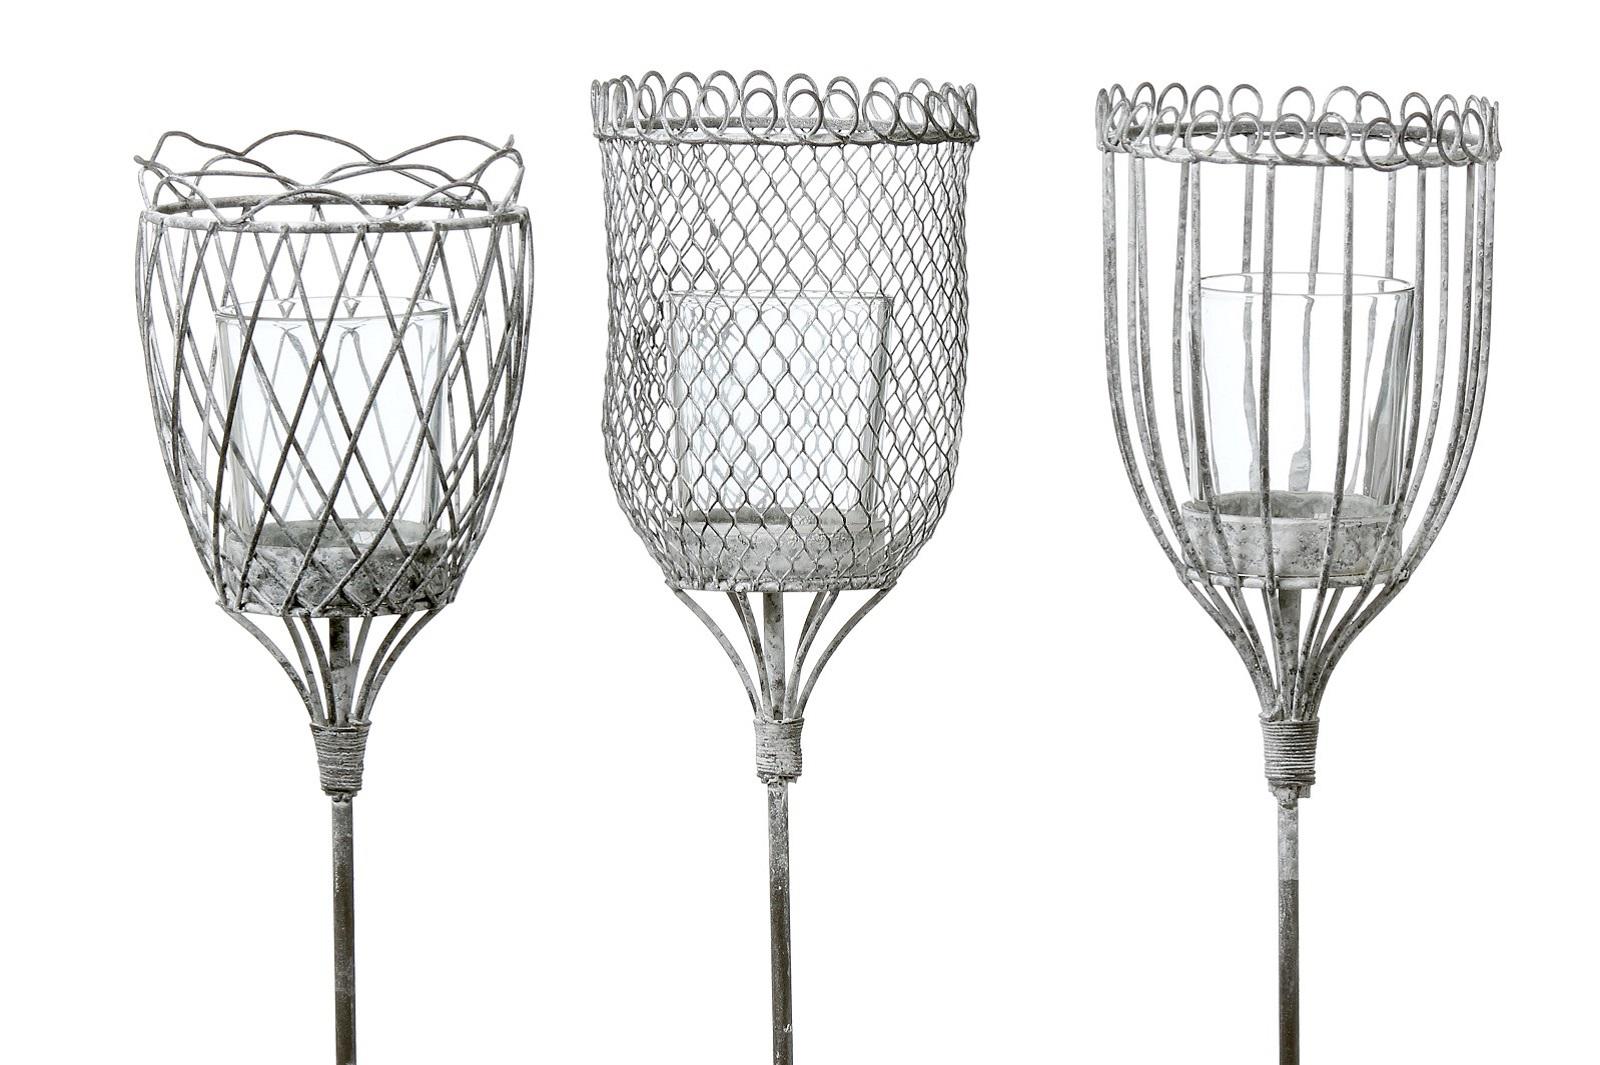 Windlicht Windlichthalter Teelichthalter Gartenstab Gartendeko 3 Ausführungen